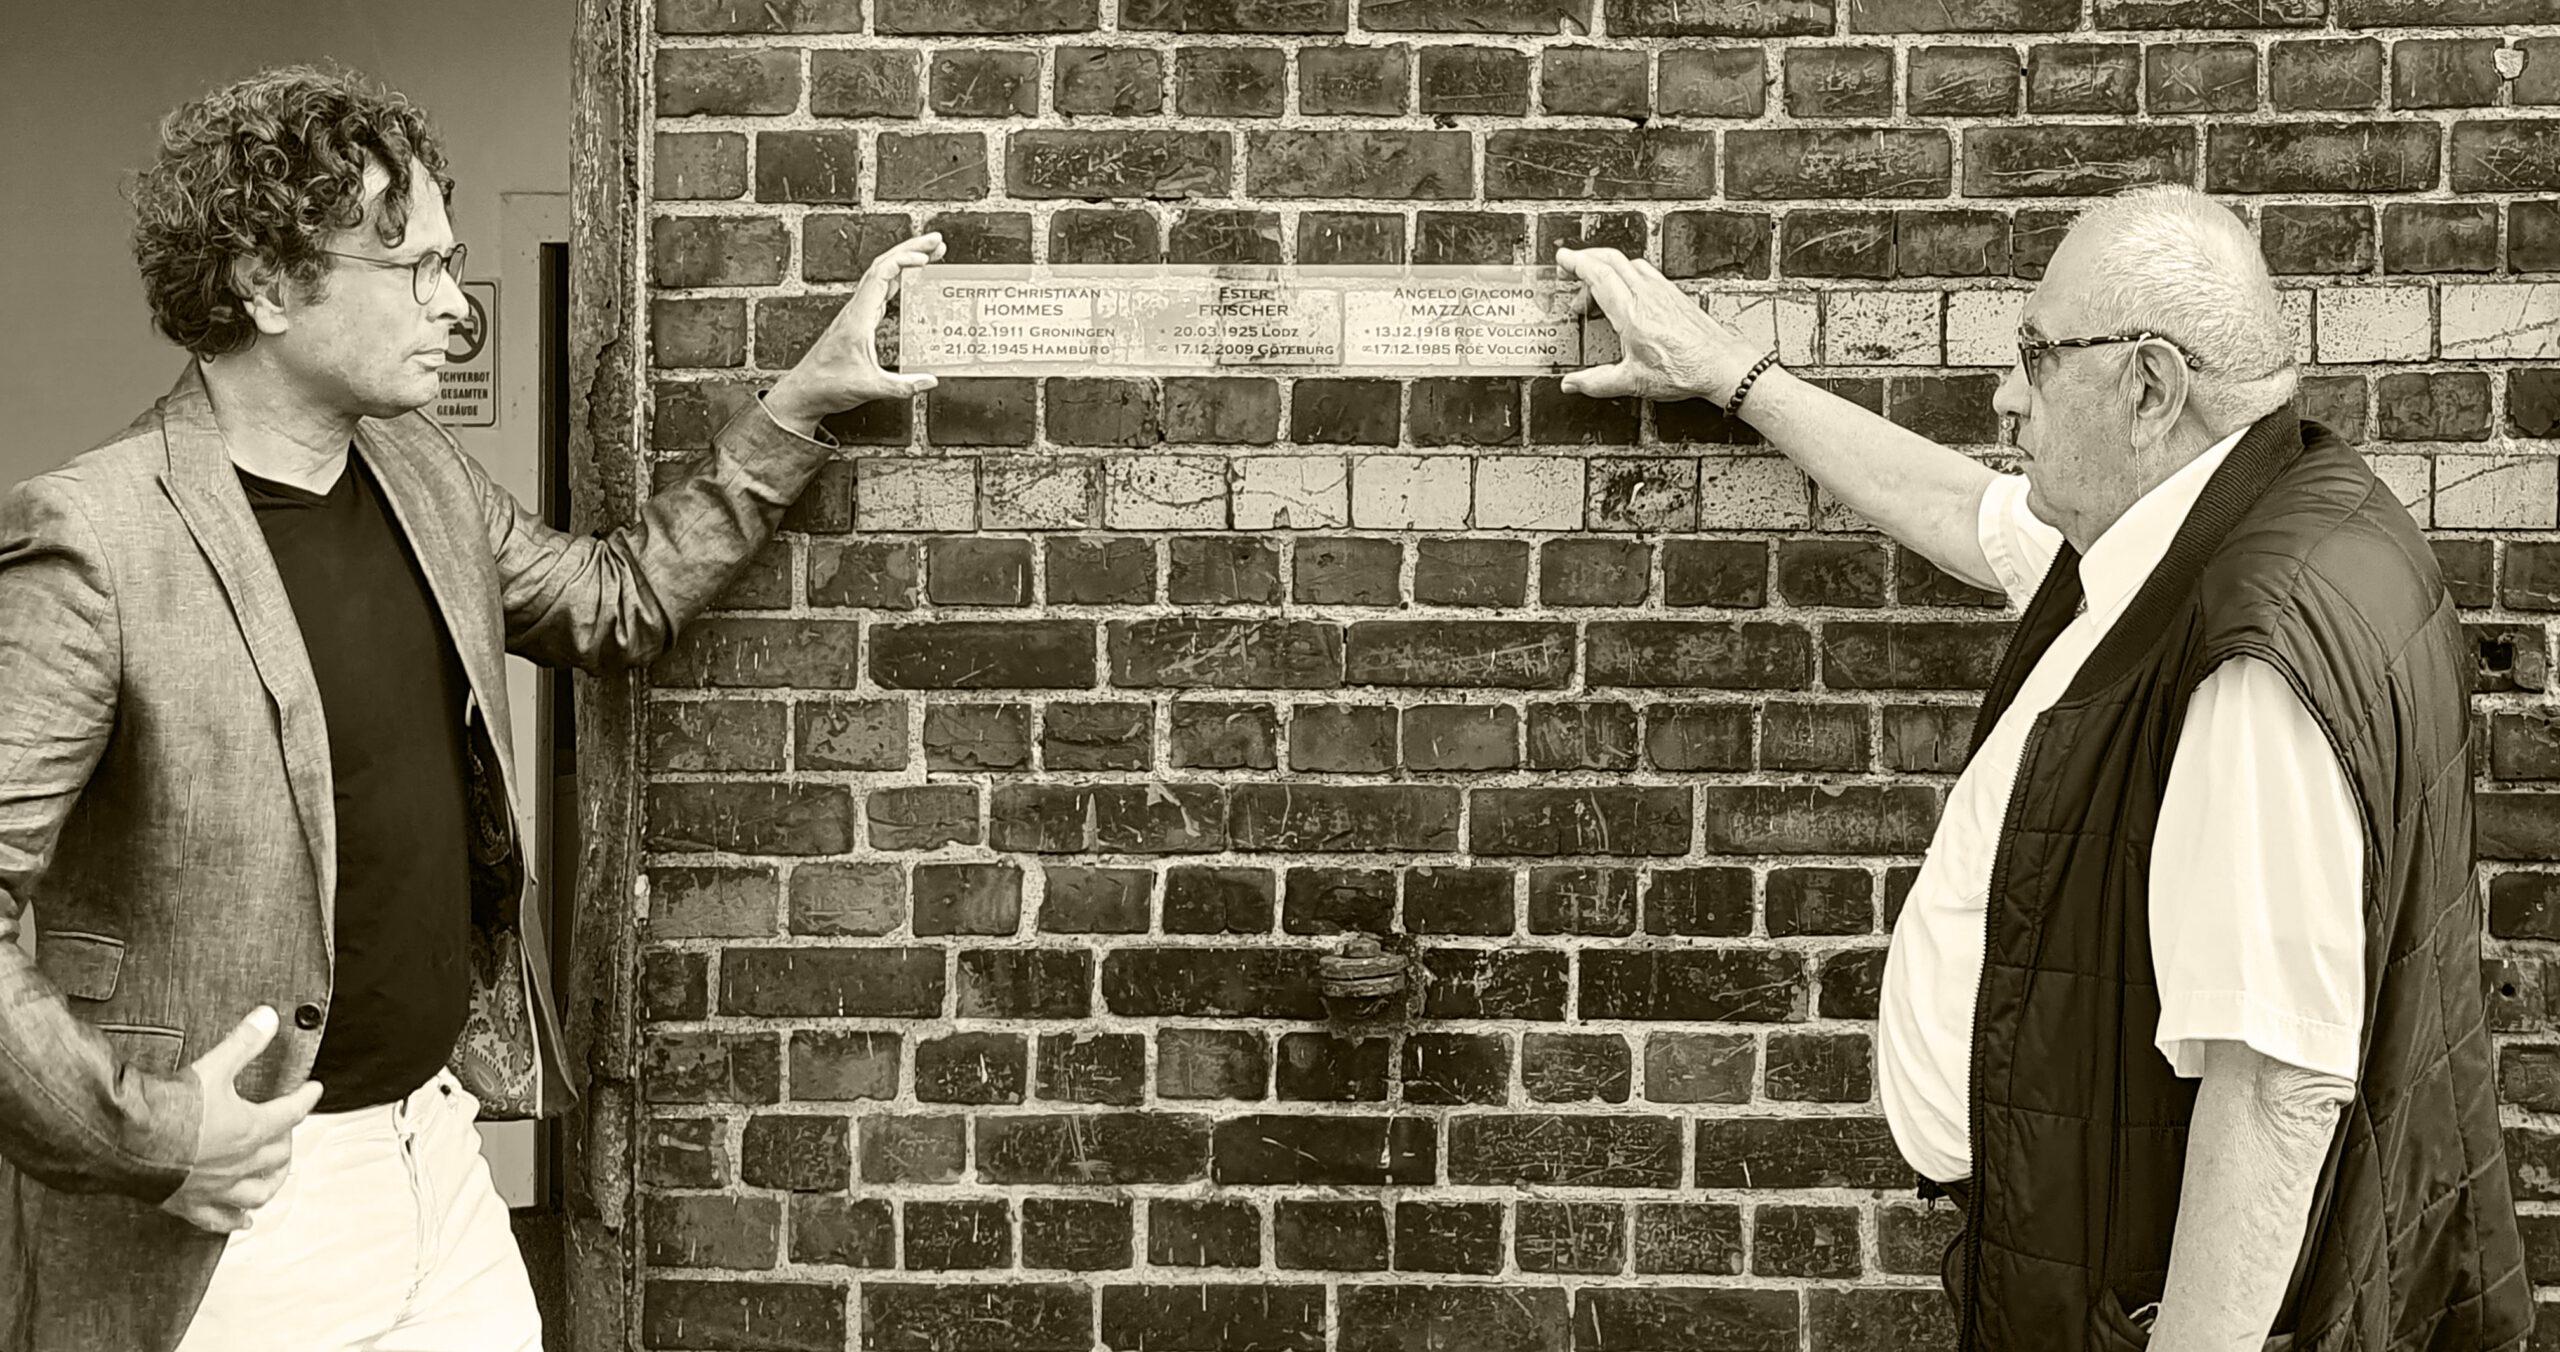 Floris, Mario, Schild an der Wand